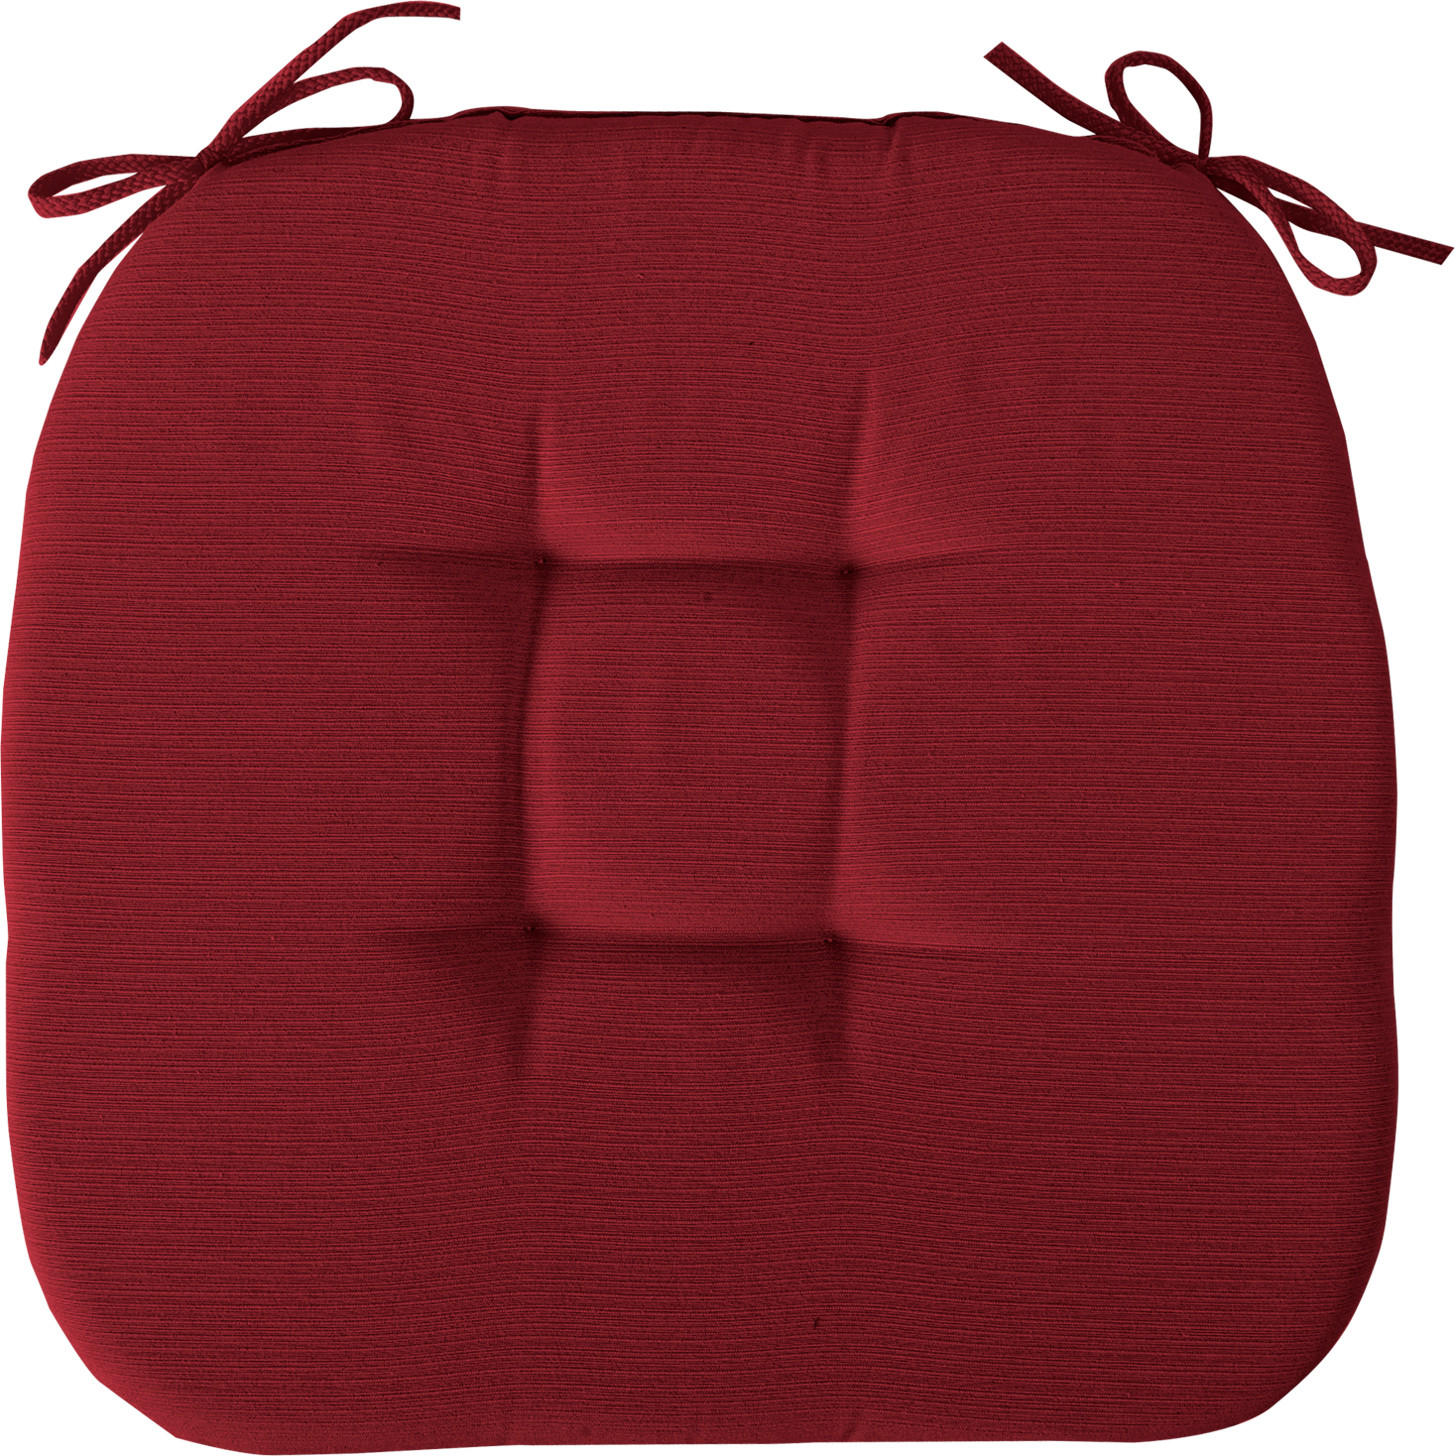 STUHLKISSEN Rot 41/41/3.5 cm - Rot, Basics, Textil (41/41/3.5cm) - NOVEL